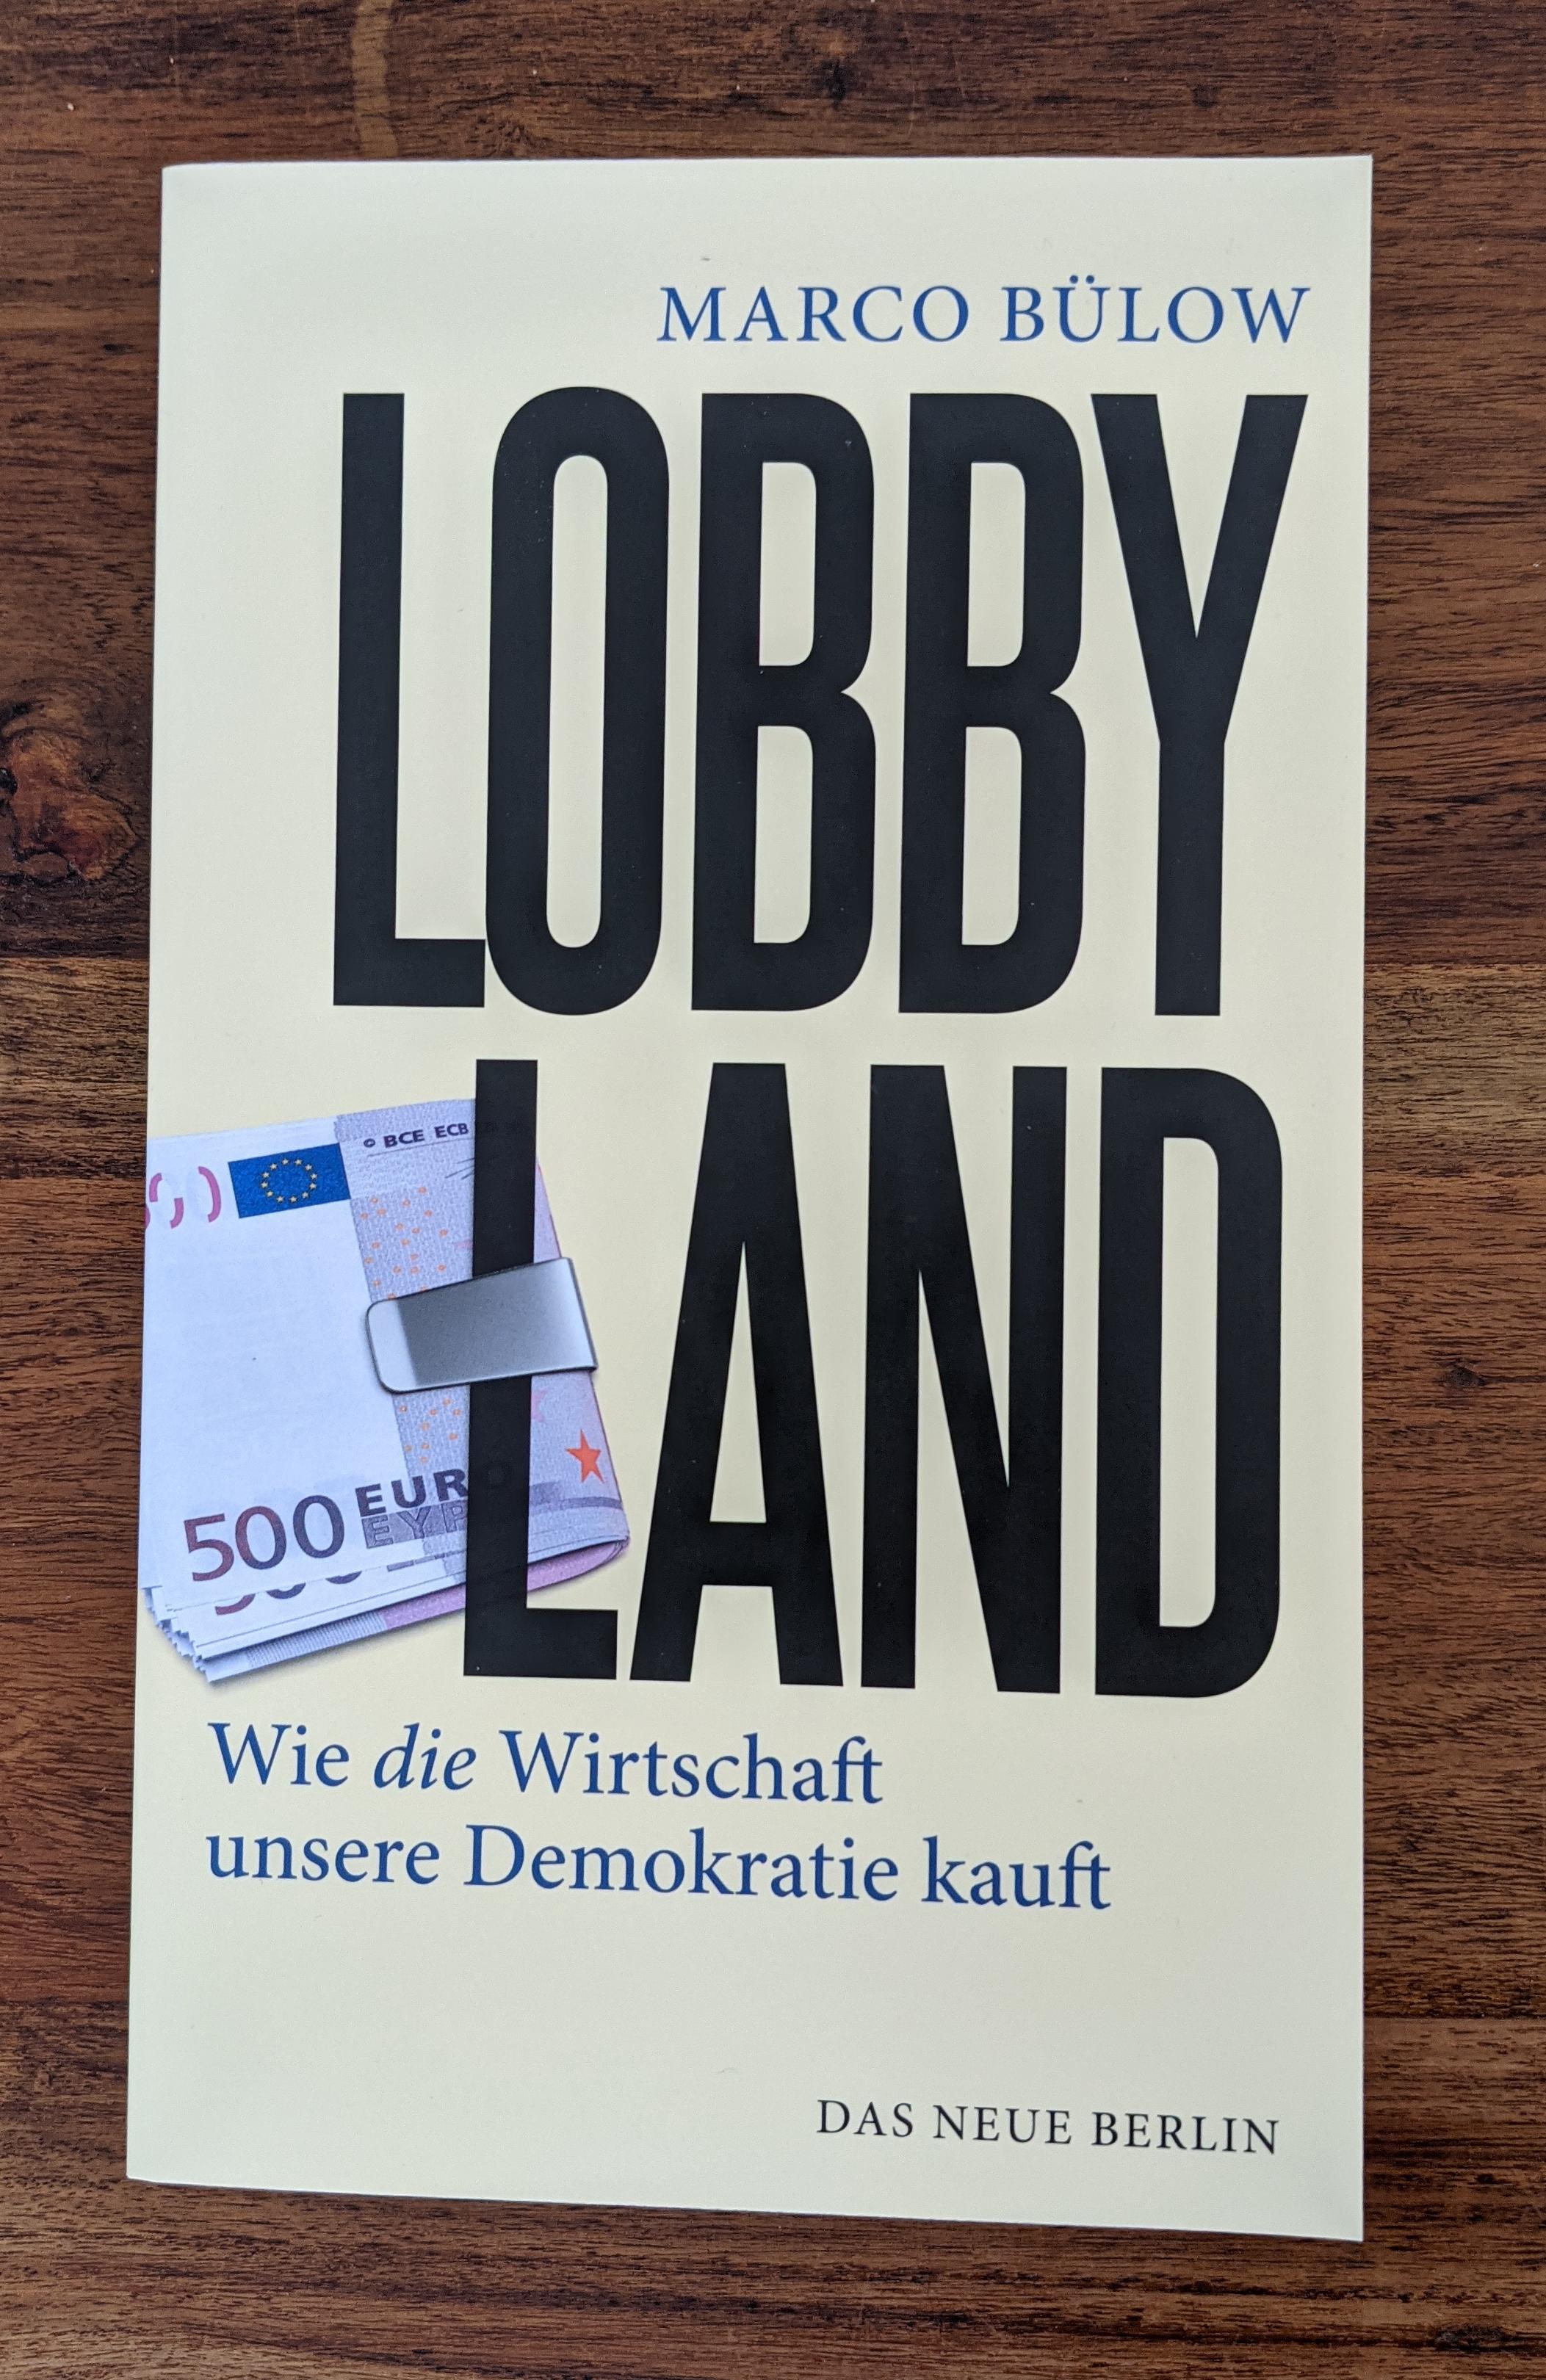 Lobbyland - Wie die Wirtschaft unsere Demokratie kauft von Marco Bülow